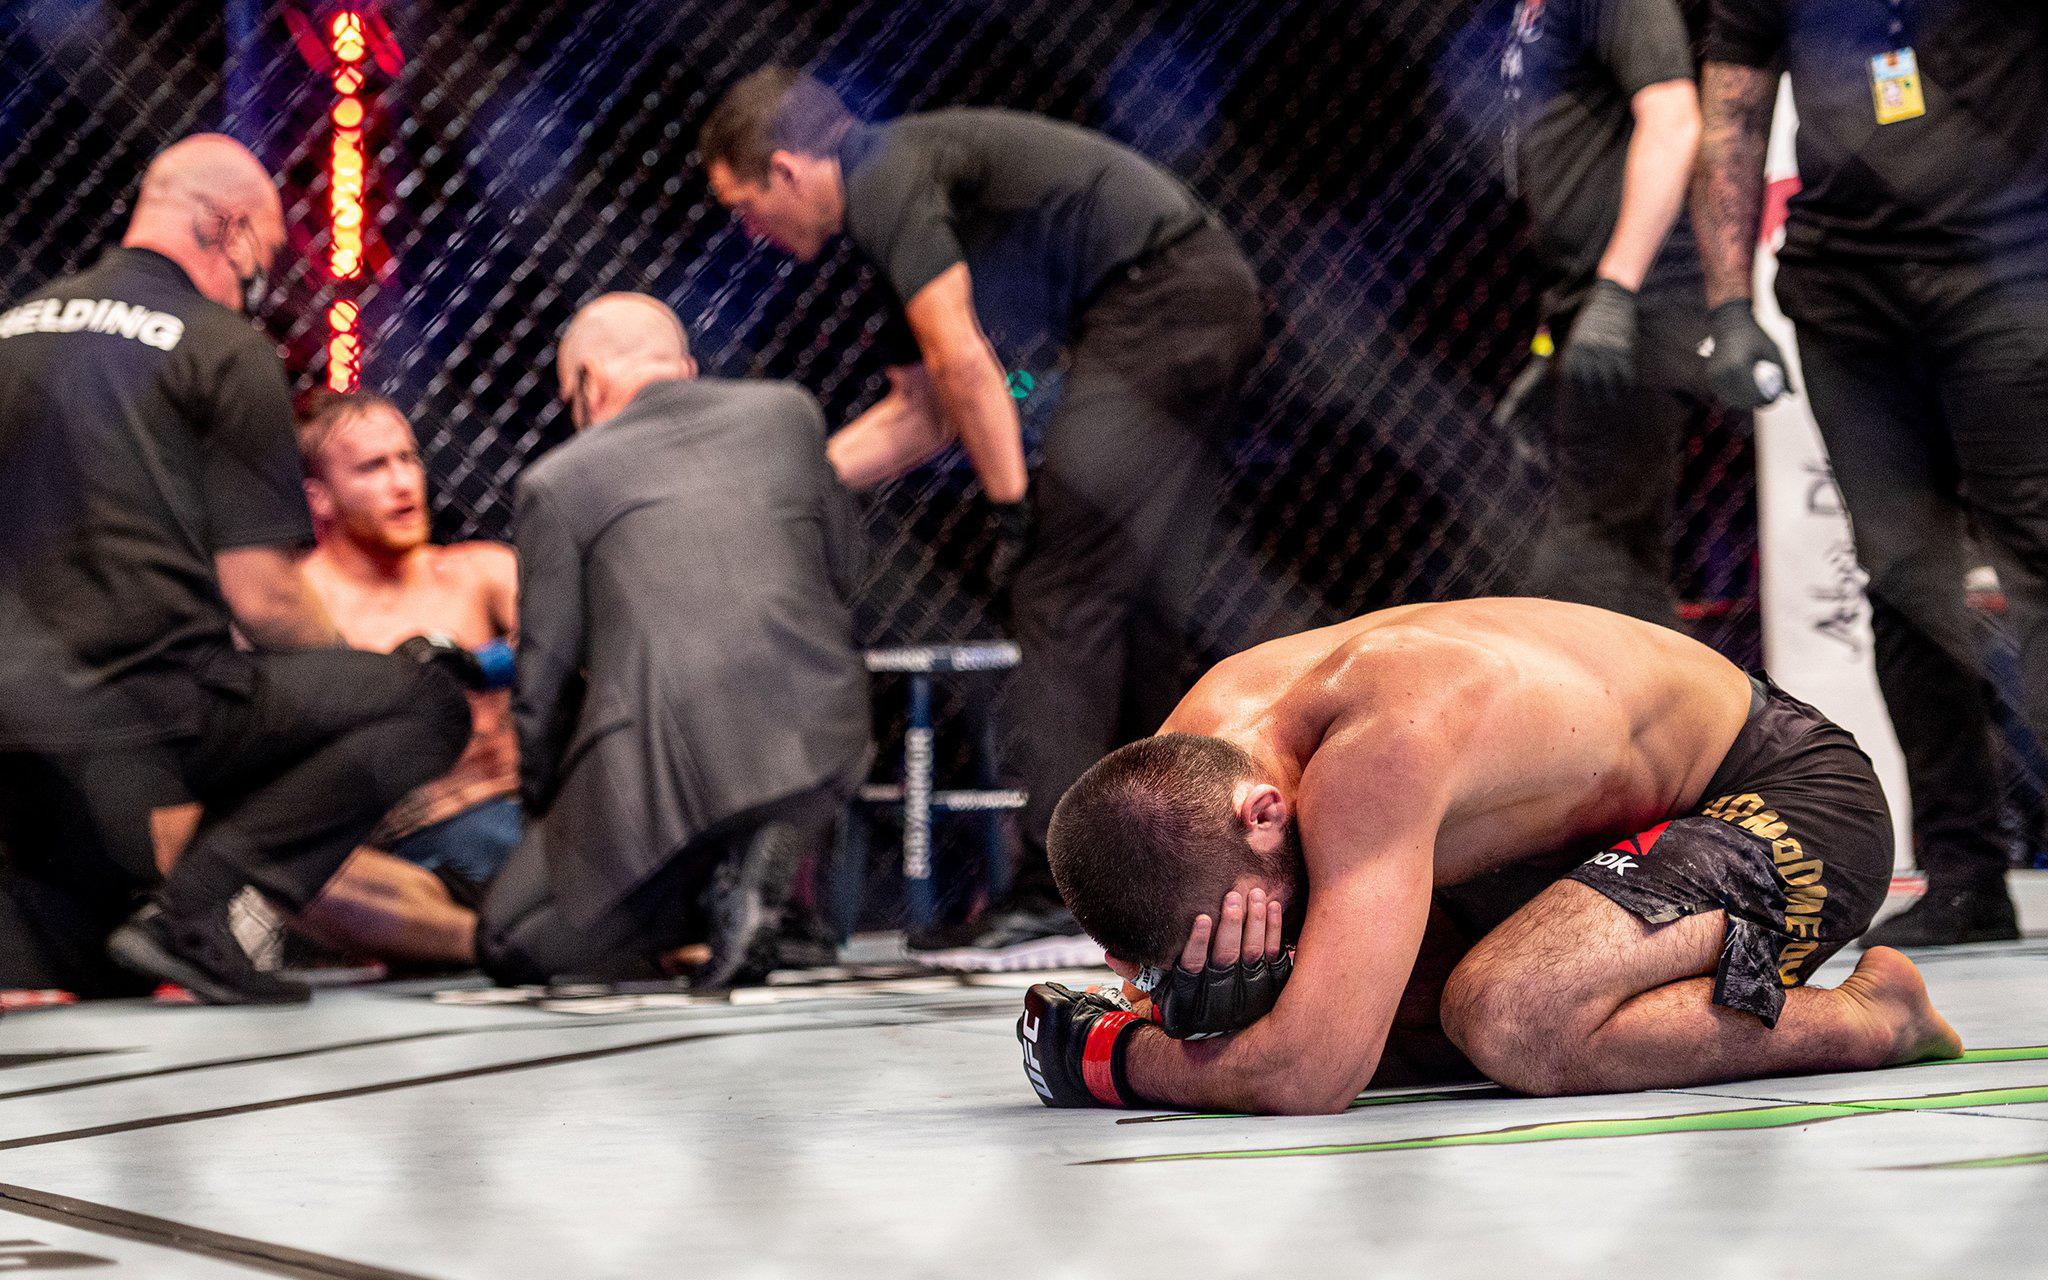 """Xúc động khoảnh khắc """"Độc cô cầu bại"""" Khabib gục xuống sàn đấu khóc nức nở sau chiến thắng trước Gaethje tại UFC 254"""